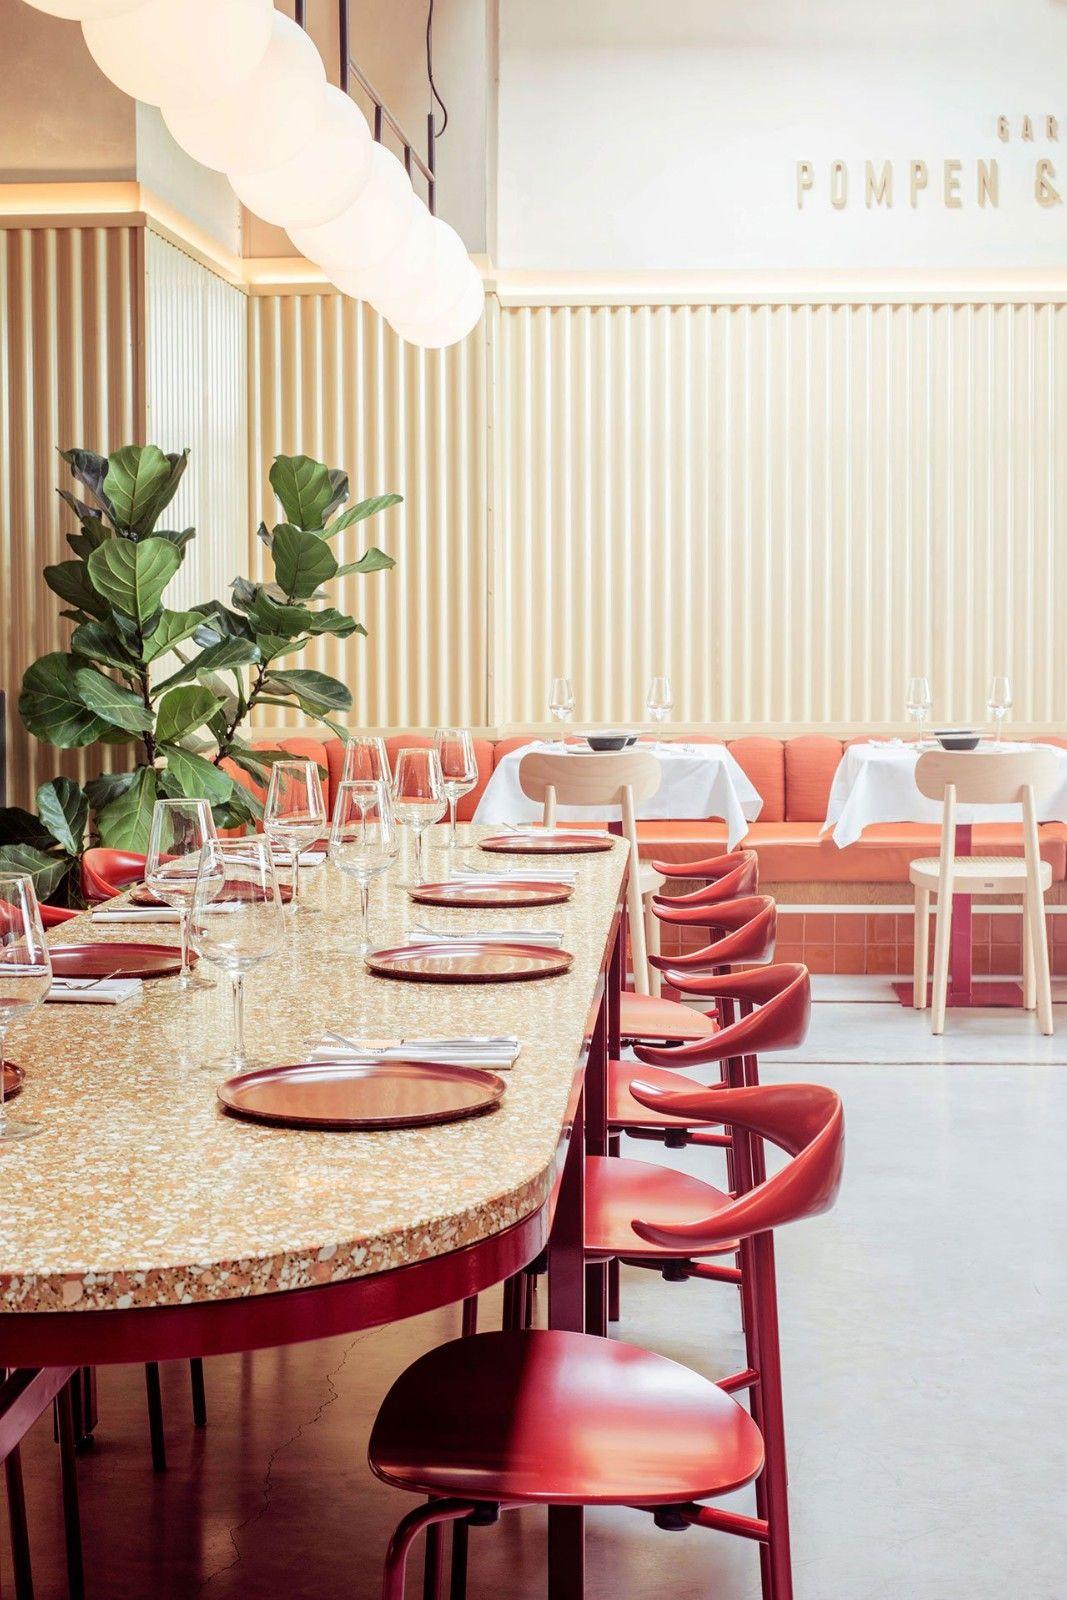 首发 | 34 south:荷兰20世纪30年代汽车内饰的时尚工艺餐厅